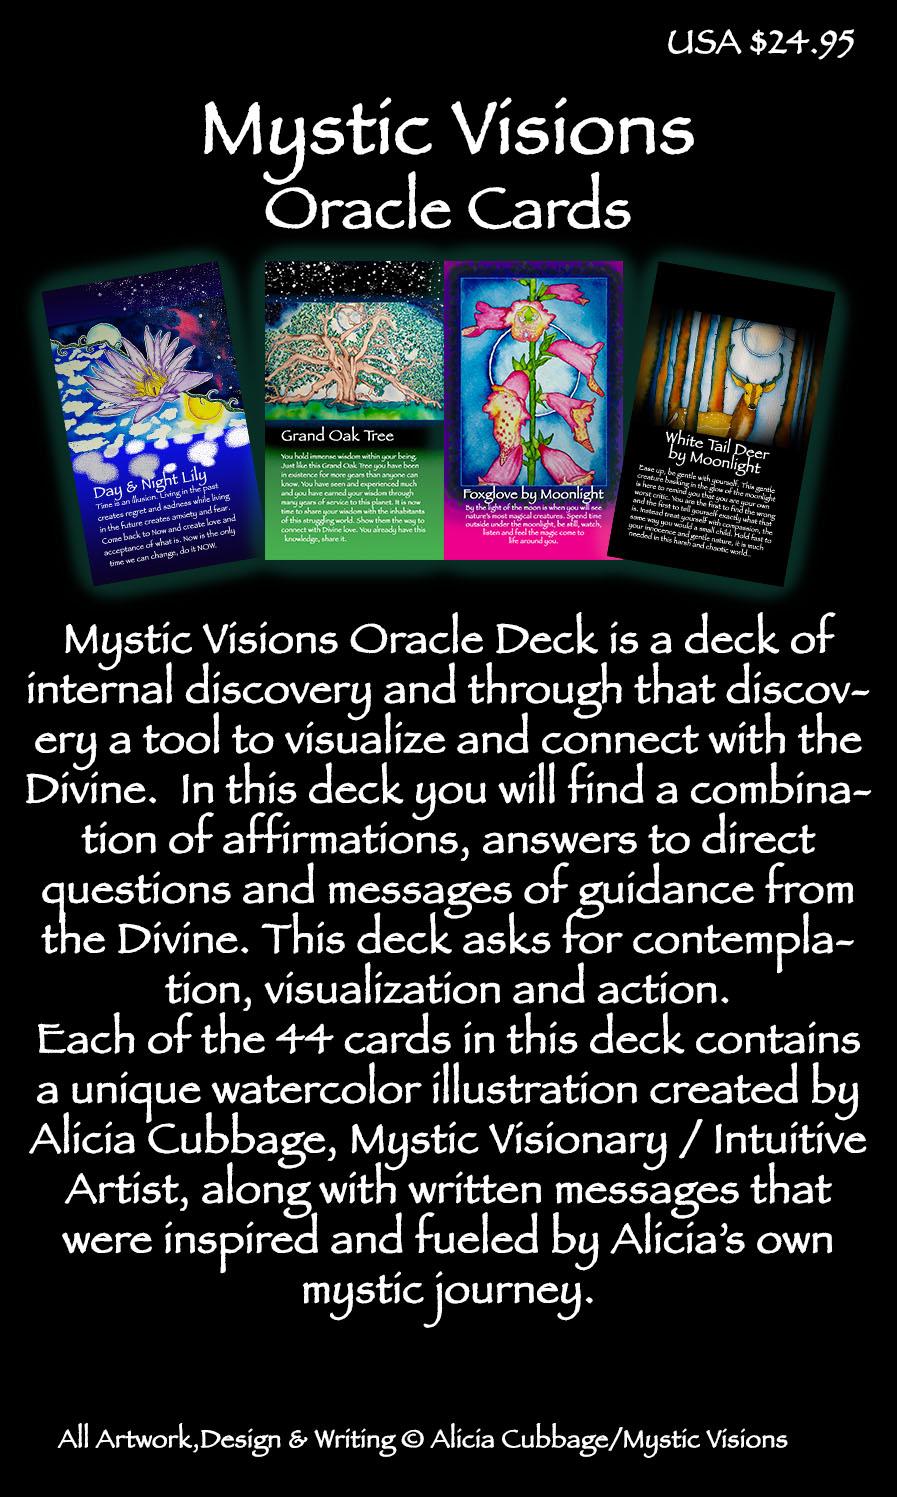 MysticVisionsBoxBottom.jpg